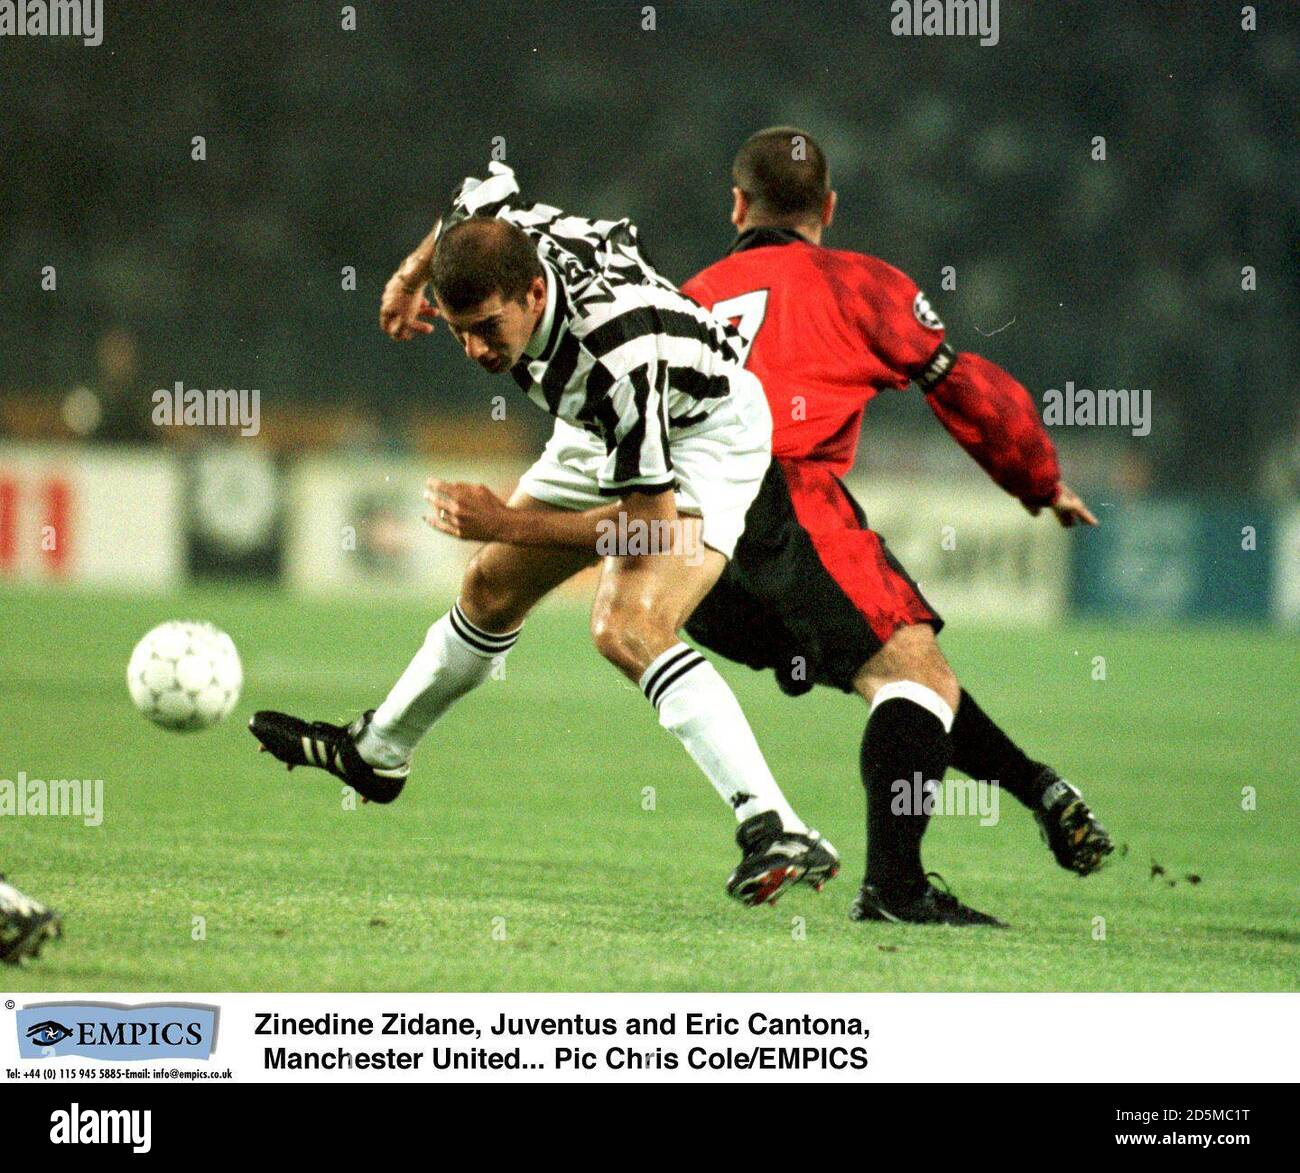 Musulman pratiquant, il décide de traverser la mer méditerranée pour venir travailler en tant qu. Zinedine Zidane Juventus Et Eric Cantona Manchester United Photo Stock Alamy